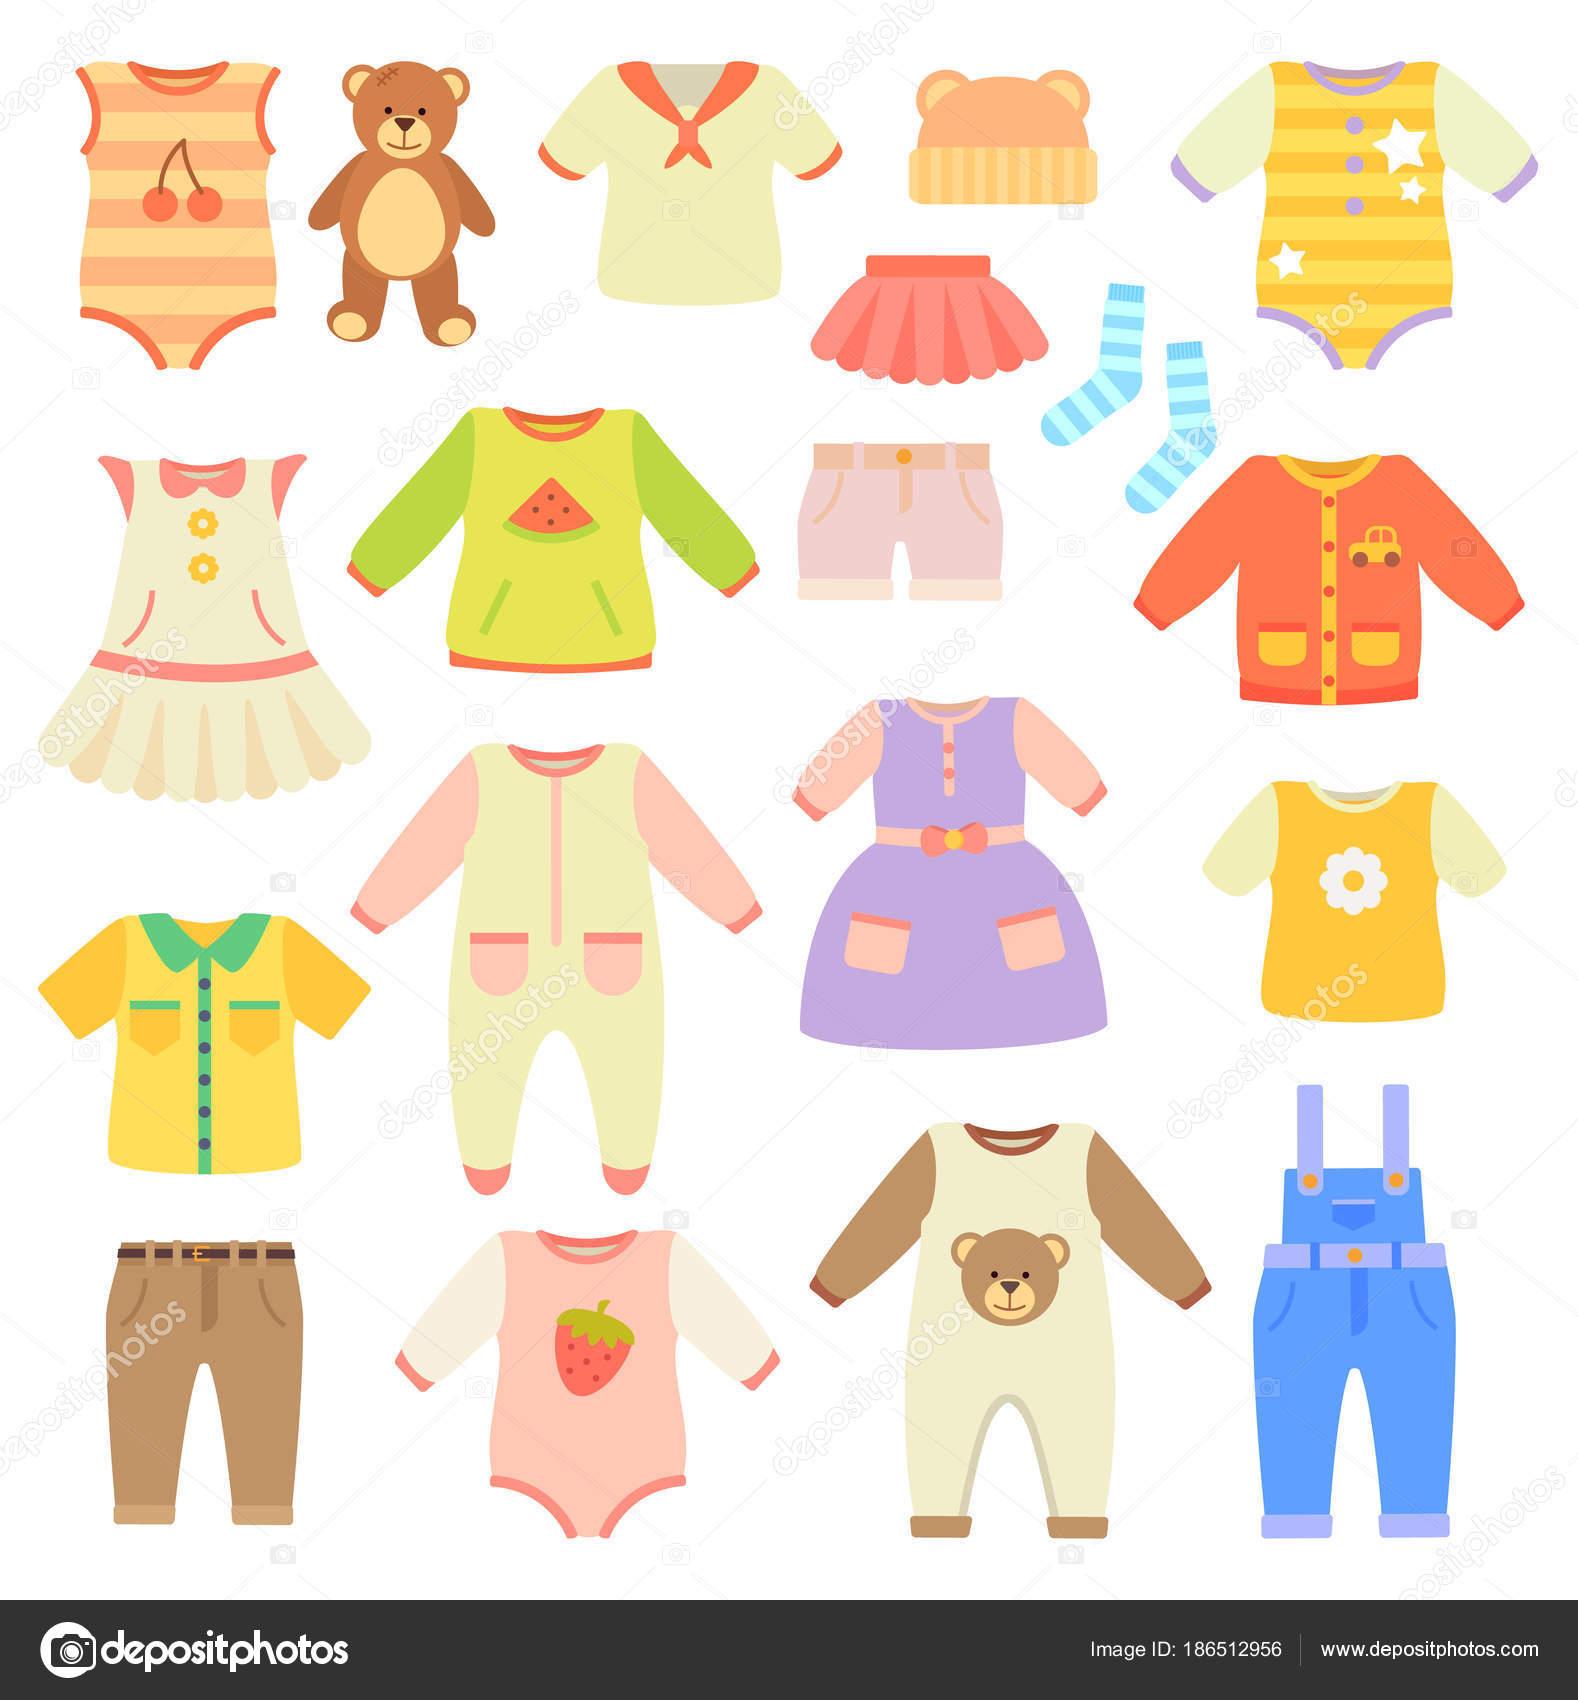 Collezione di vestiti alla moda baby per ragazzi e ragazze. Abiti per  neonati e bambini piccoli. Abiti carini e confortevoli crawler  illustrazioni insieme ... de65b3b727a